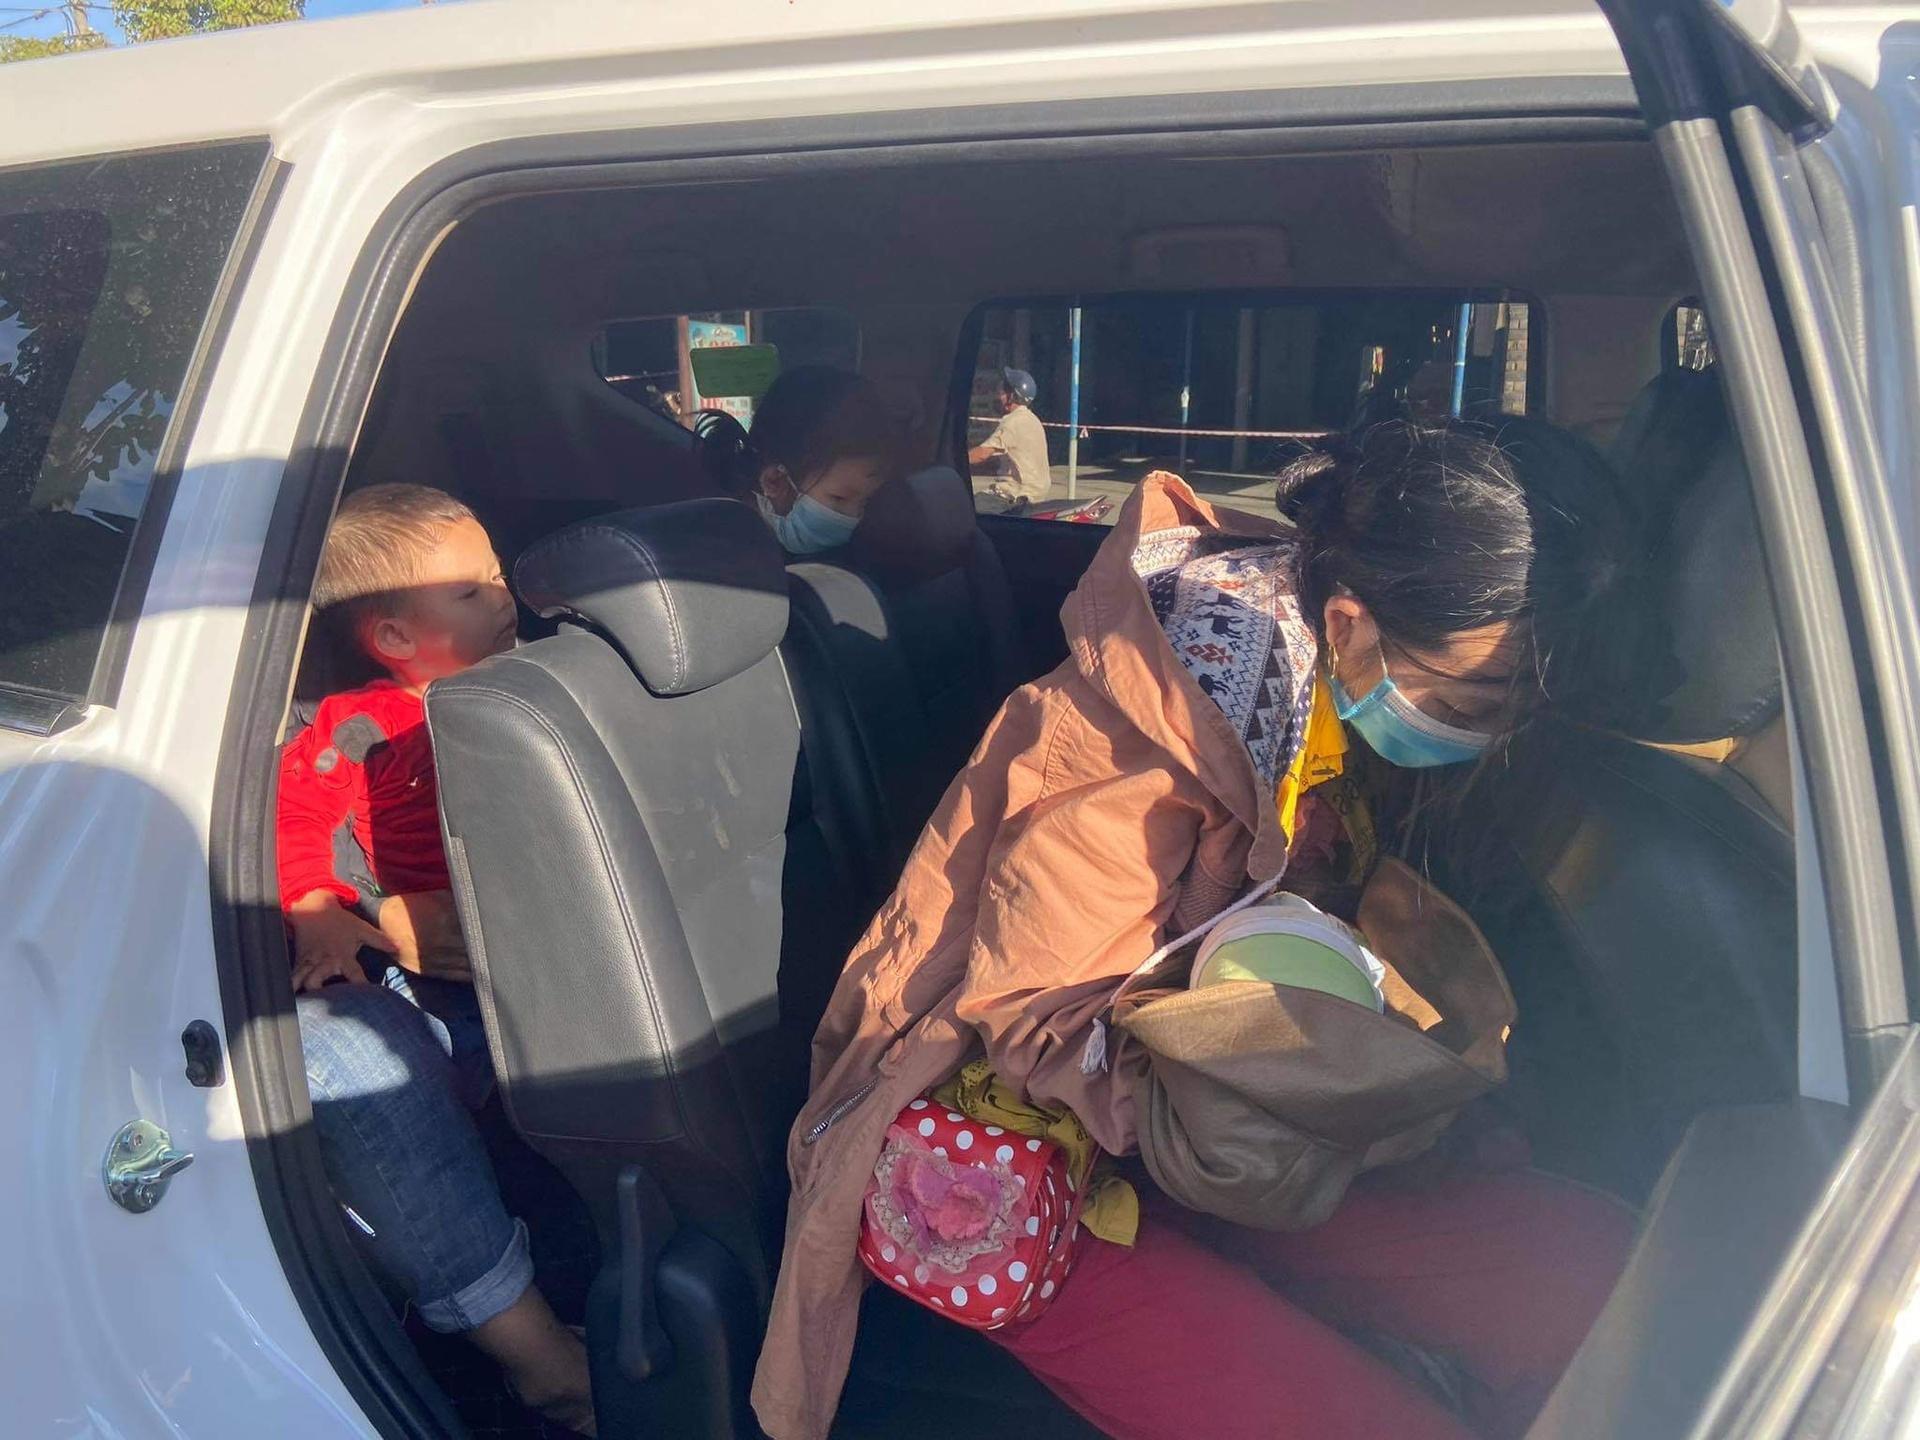 Bé 10 ngày tuổi cùng bố mẹ vượt 1.500 km về quê tránh dịch: Hành trình ngắn lại nhờ hai chữ 'đồng bào' 4